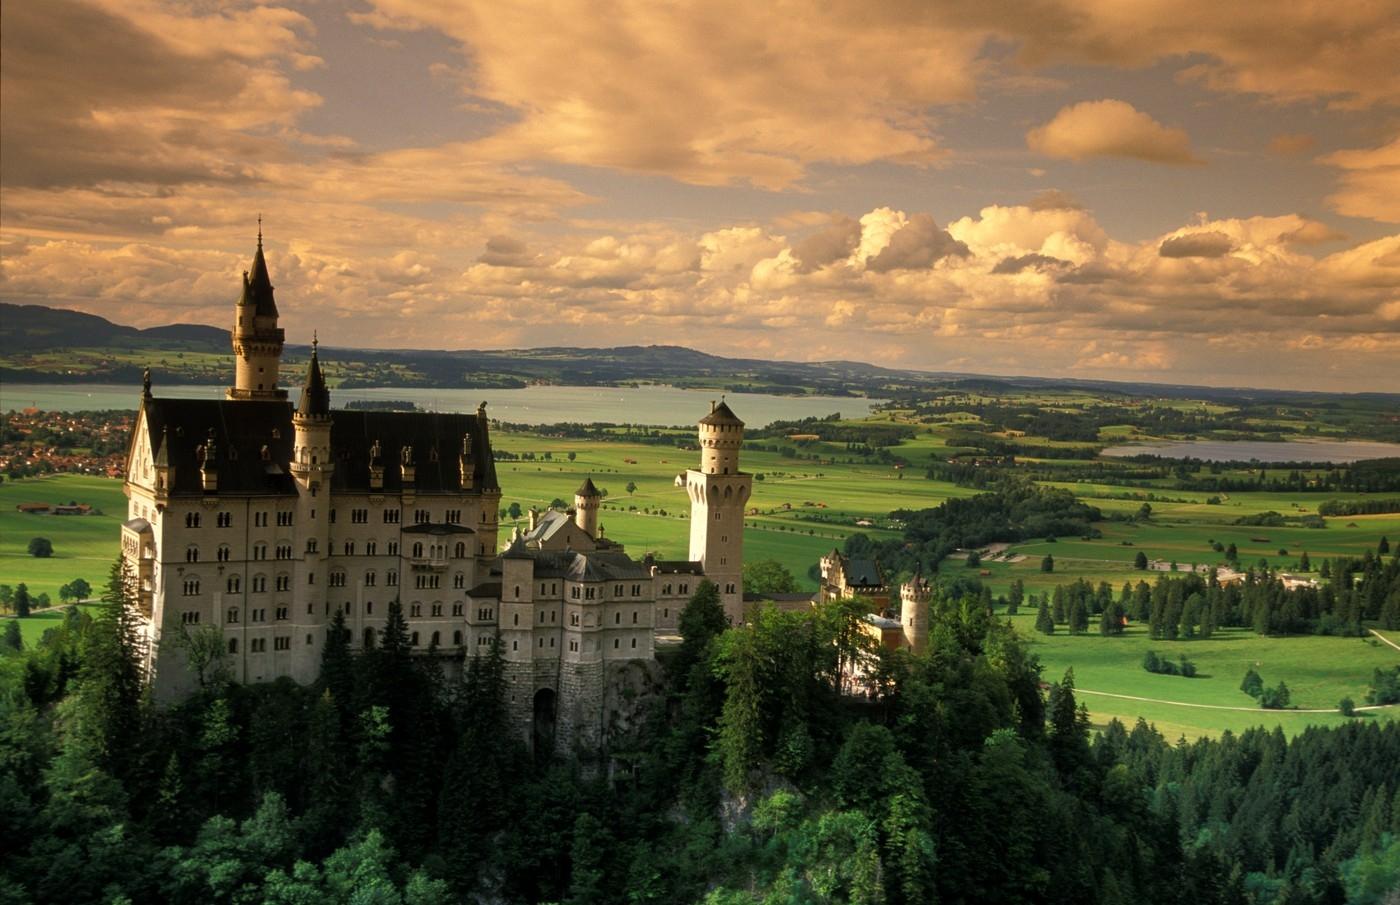 Pět pohádkových hradů a zámků v Evropě, kam se musíte podívat